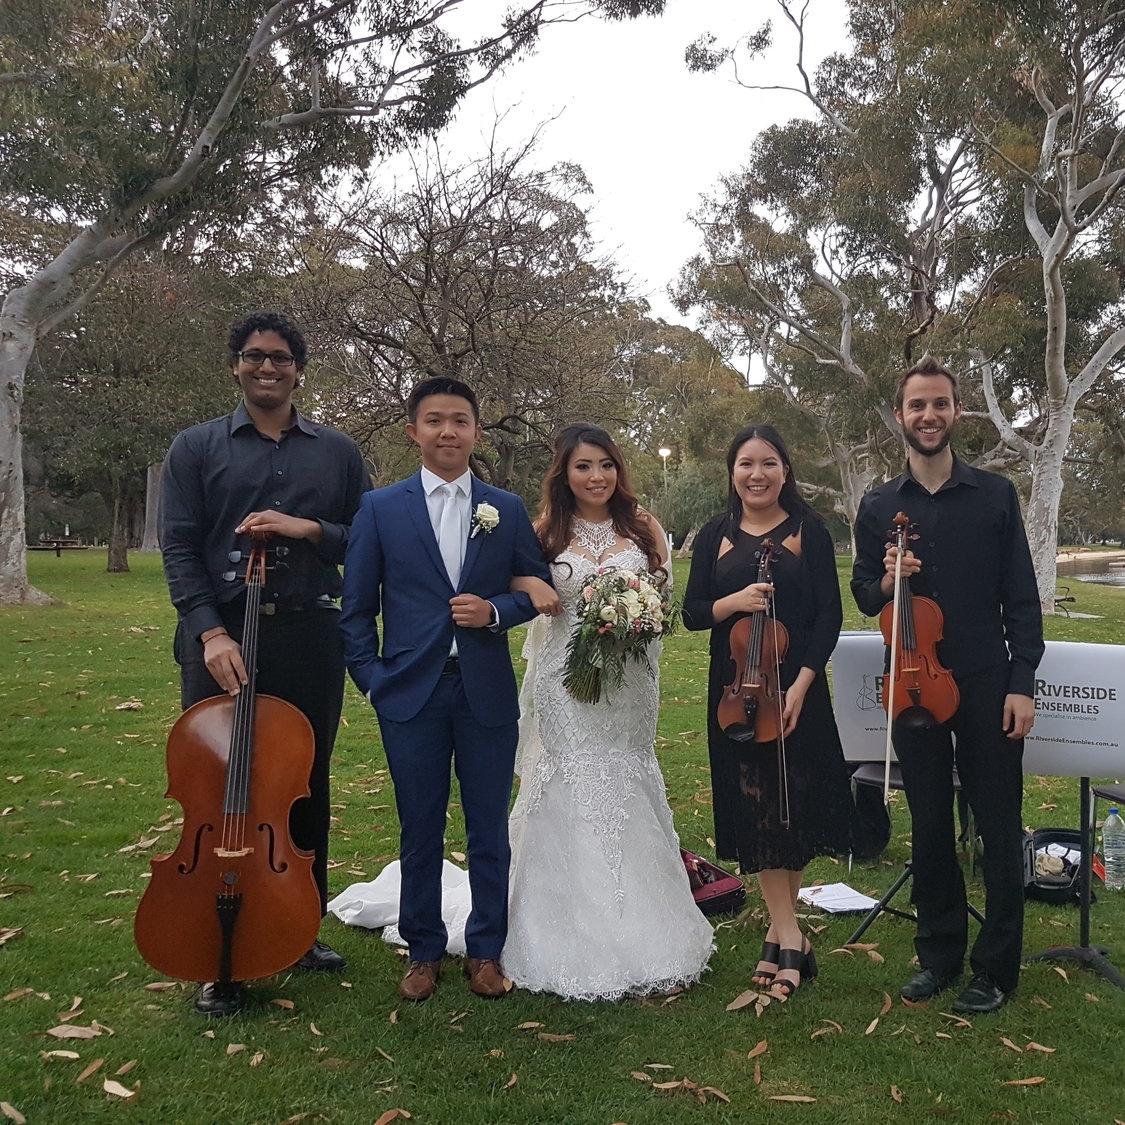 perth-function-string-music-hire-wedding-riverside-musiciansperth-function-string-music-hire-wedding-riverside-musicians-classical-contemporary-bride-groom-violins-cello